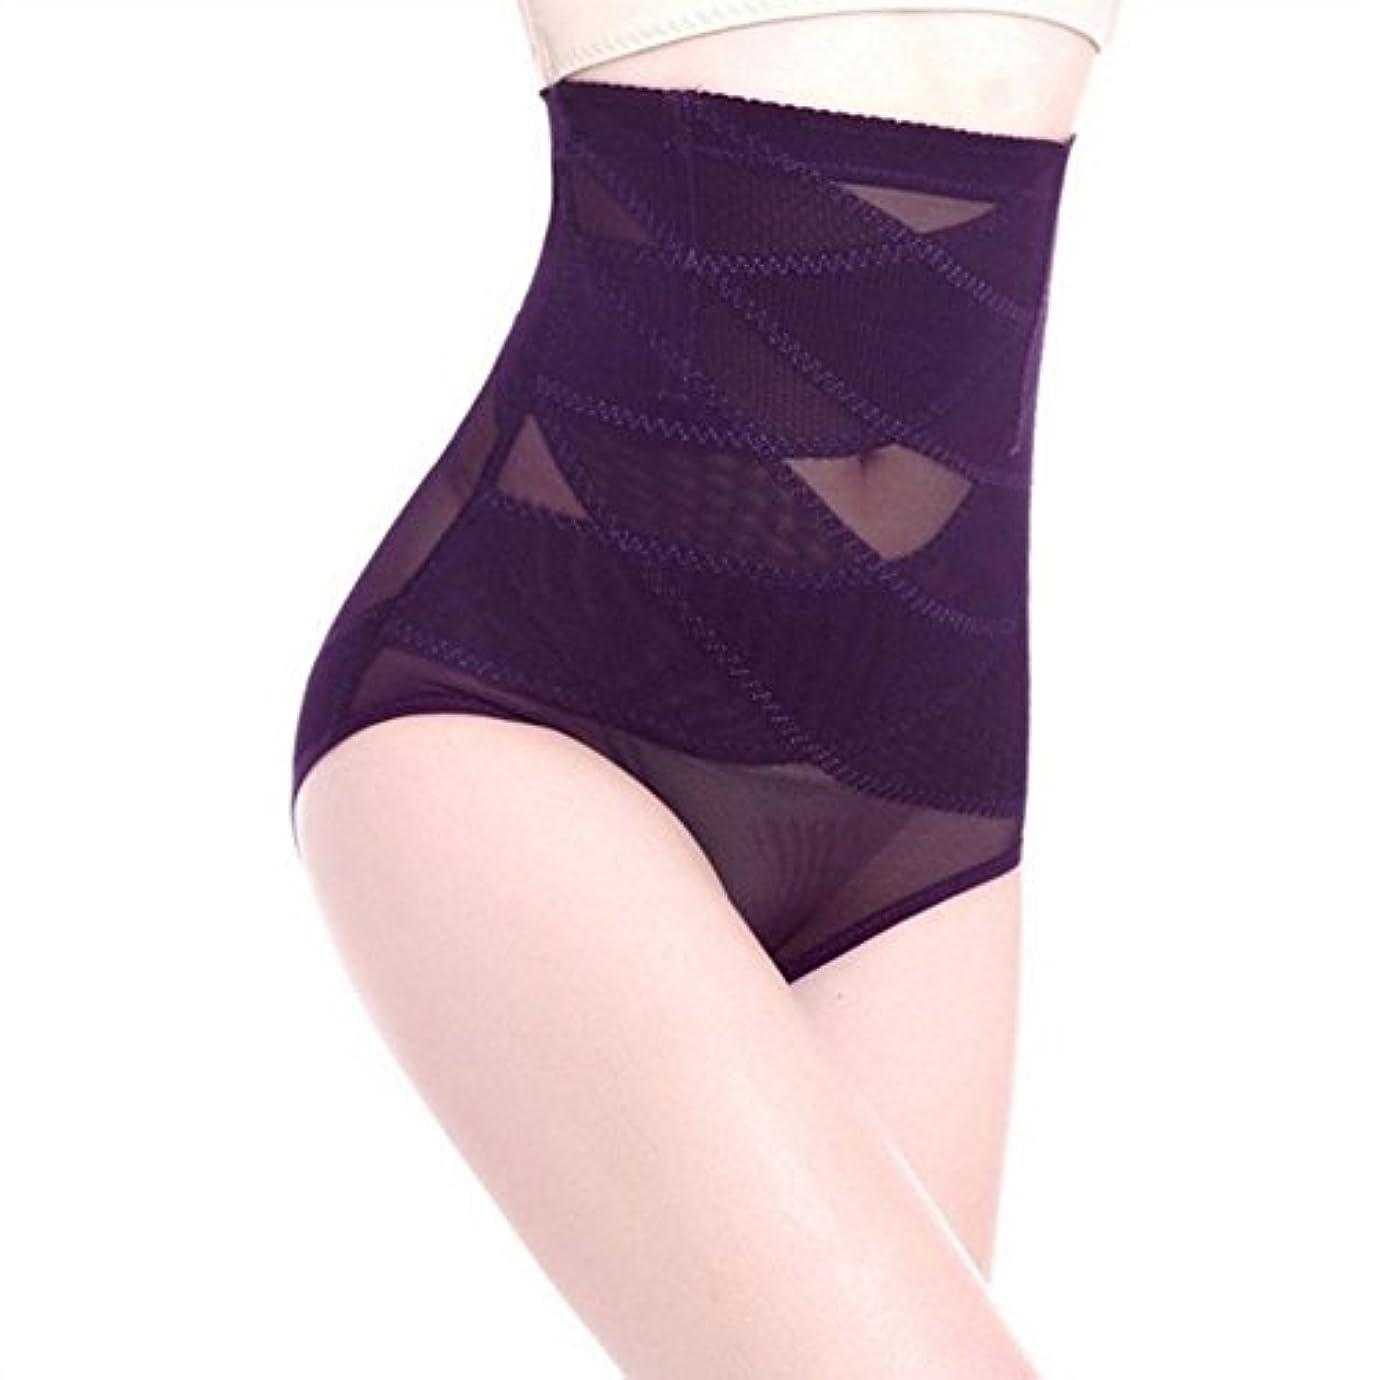 バスケットボールスモッグウール通気性のあるハイウエスト女性痩身腹部コントロール下着シームレスおなかコントロールパンティーバットリフターボディシェイパー - パープル3 XL